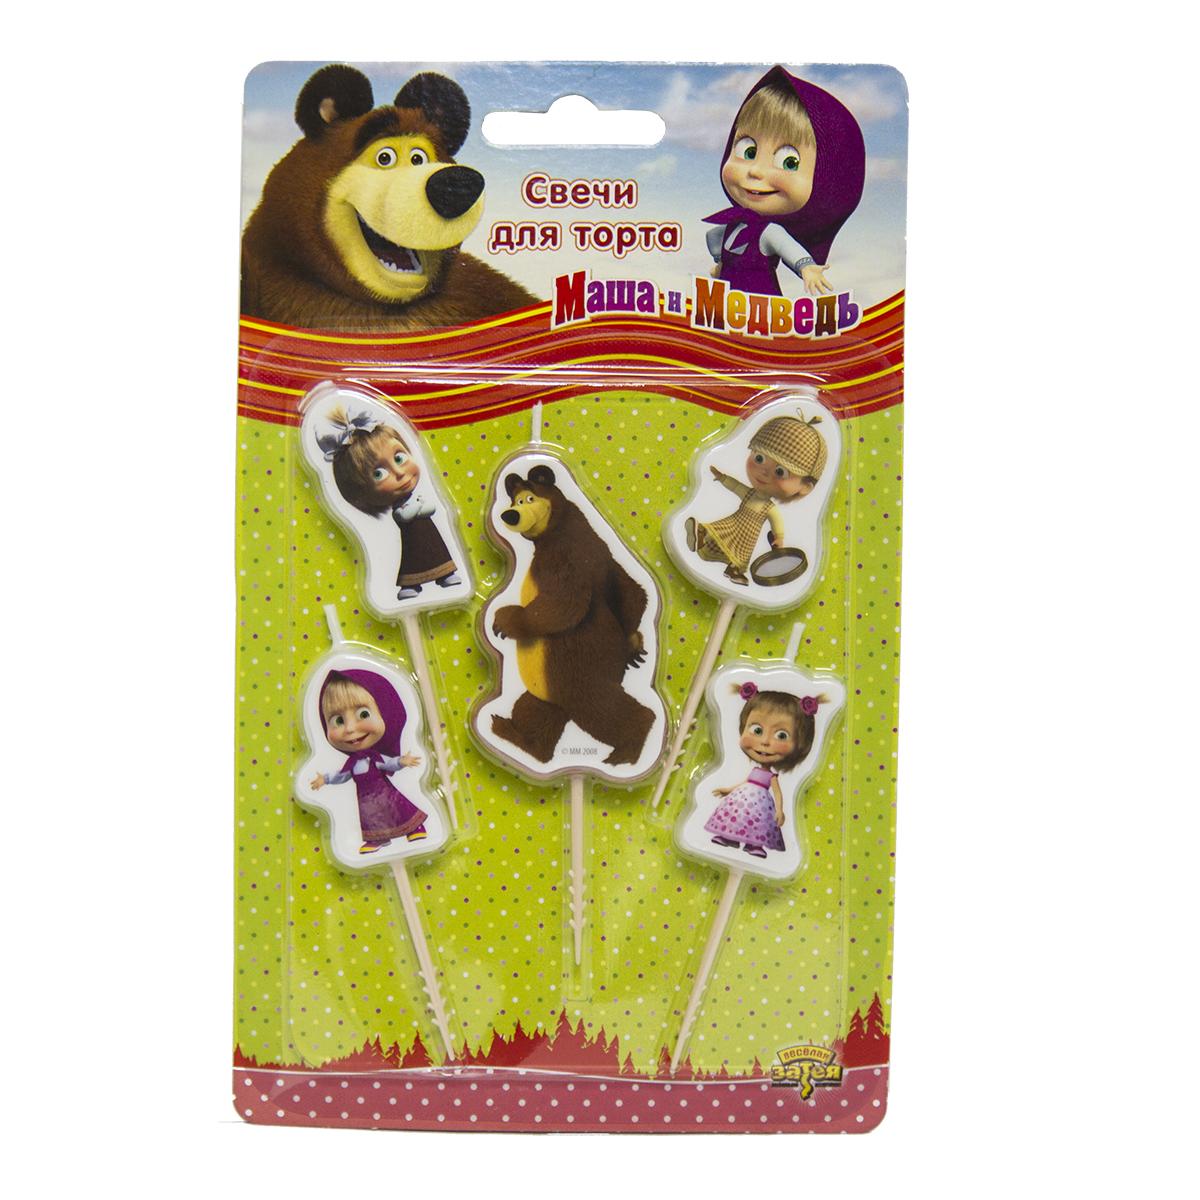 Маша и Медведь Свечи для торта на пиках 5 шт1502-1814Свечи на пиках с героями мультфильма Маша и Медведь украсят любой торт и сделают ваш праздник незабываемо ярким. Праздничный торт - главный атрибут праздника на любом дне рождения, особенно, если это детский день рождения. В наборе 4 свечи с Машей и 1 с Медведем. И следопыт, и ученица, и именинница, и такая знакомая нам озорница в сарафане. Такие разные и веселые свечи Маша и неизменно добрый Медведь. Оригинальные свечи отличное решение для декорирования торта, десерта ко дню рождения, новому году или любому детскому празднику.